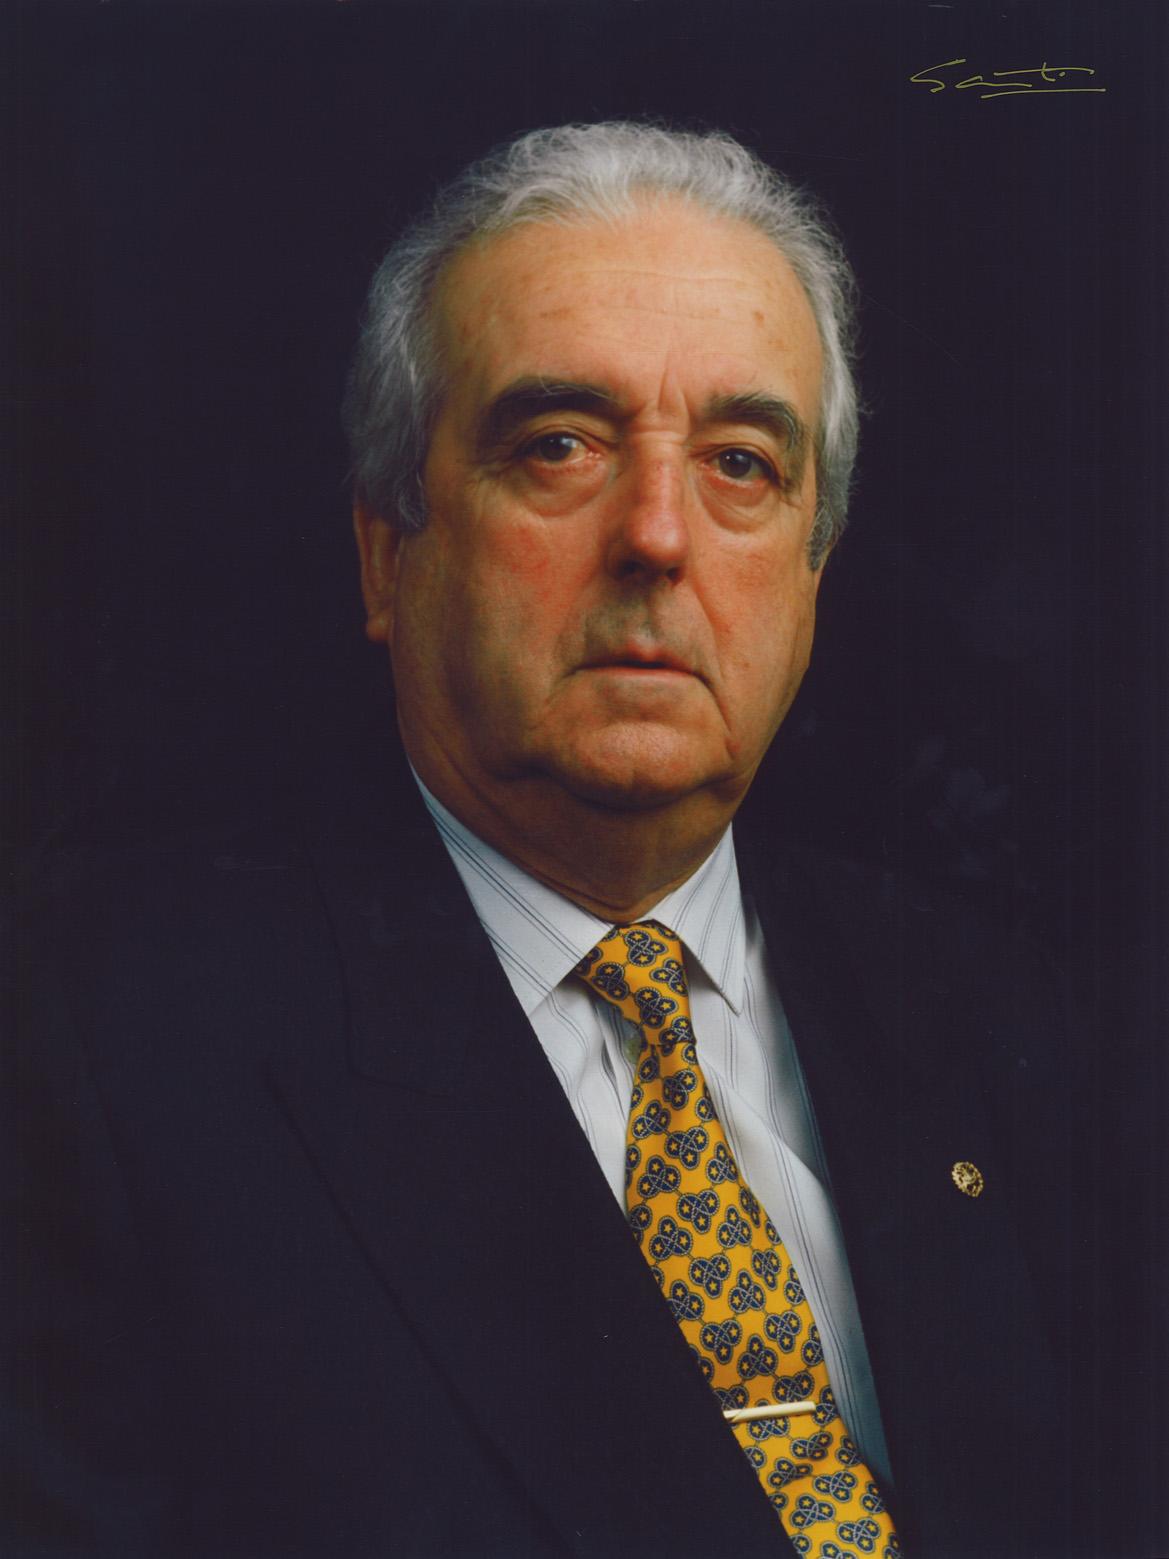 José_Ramón_Novoa_Suarez